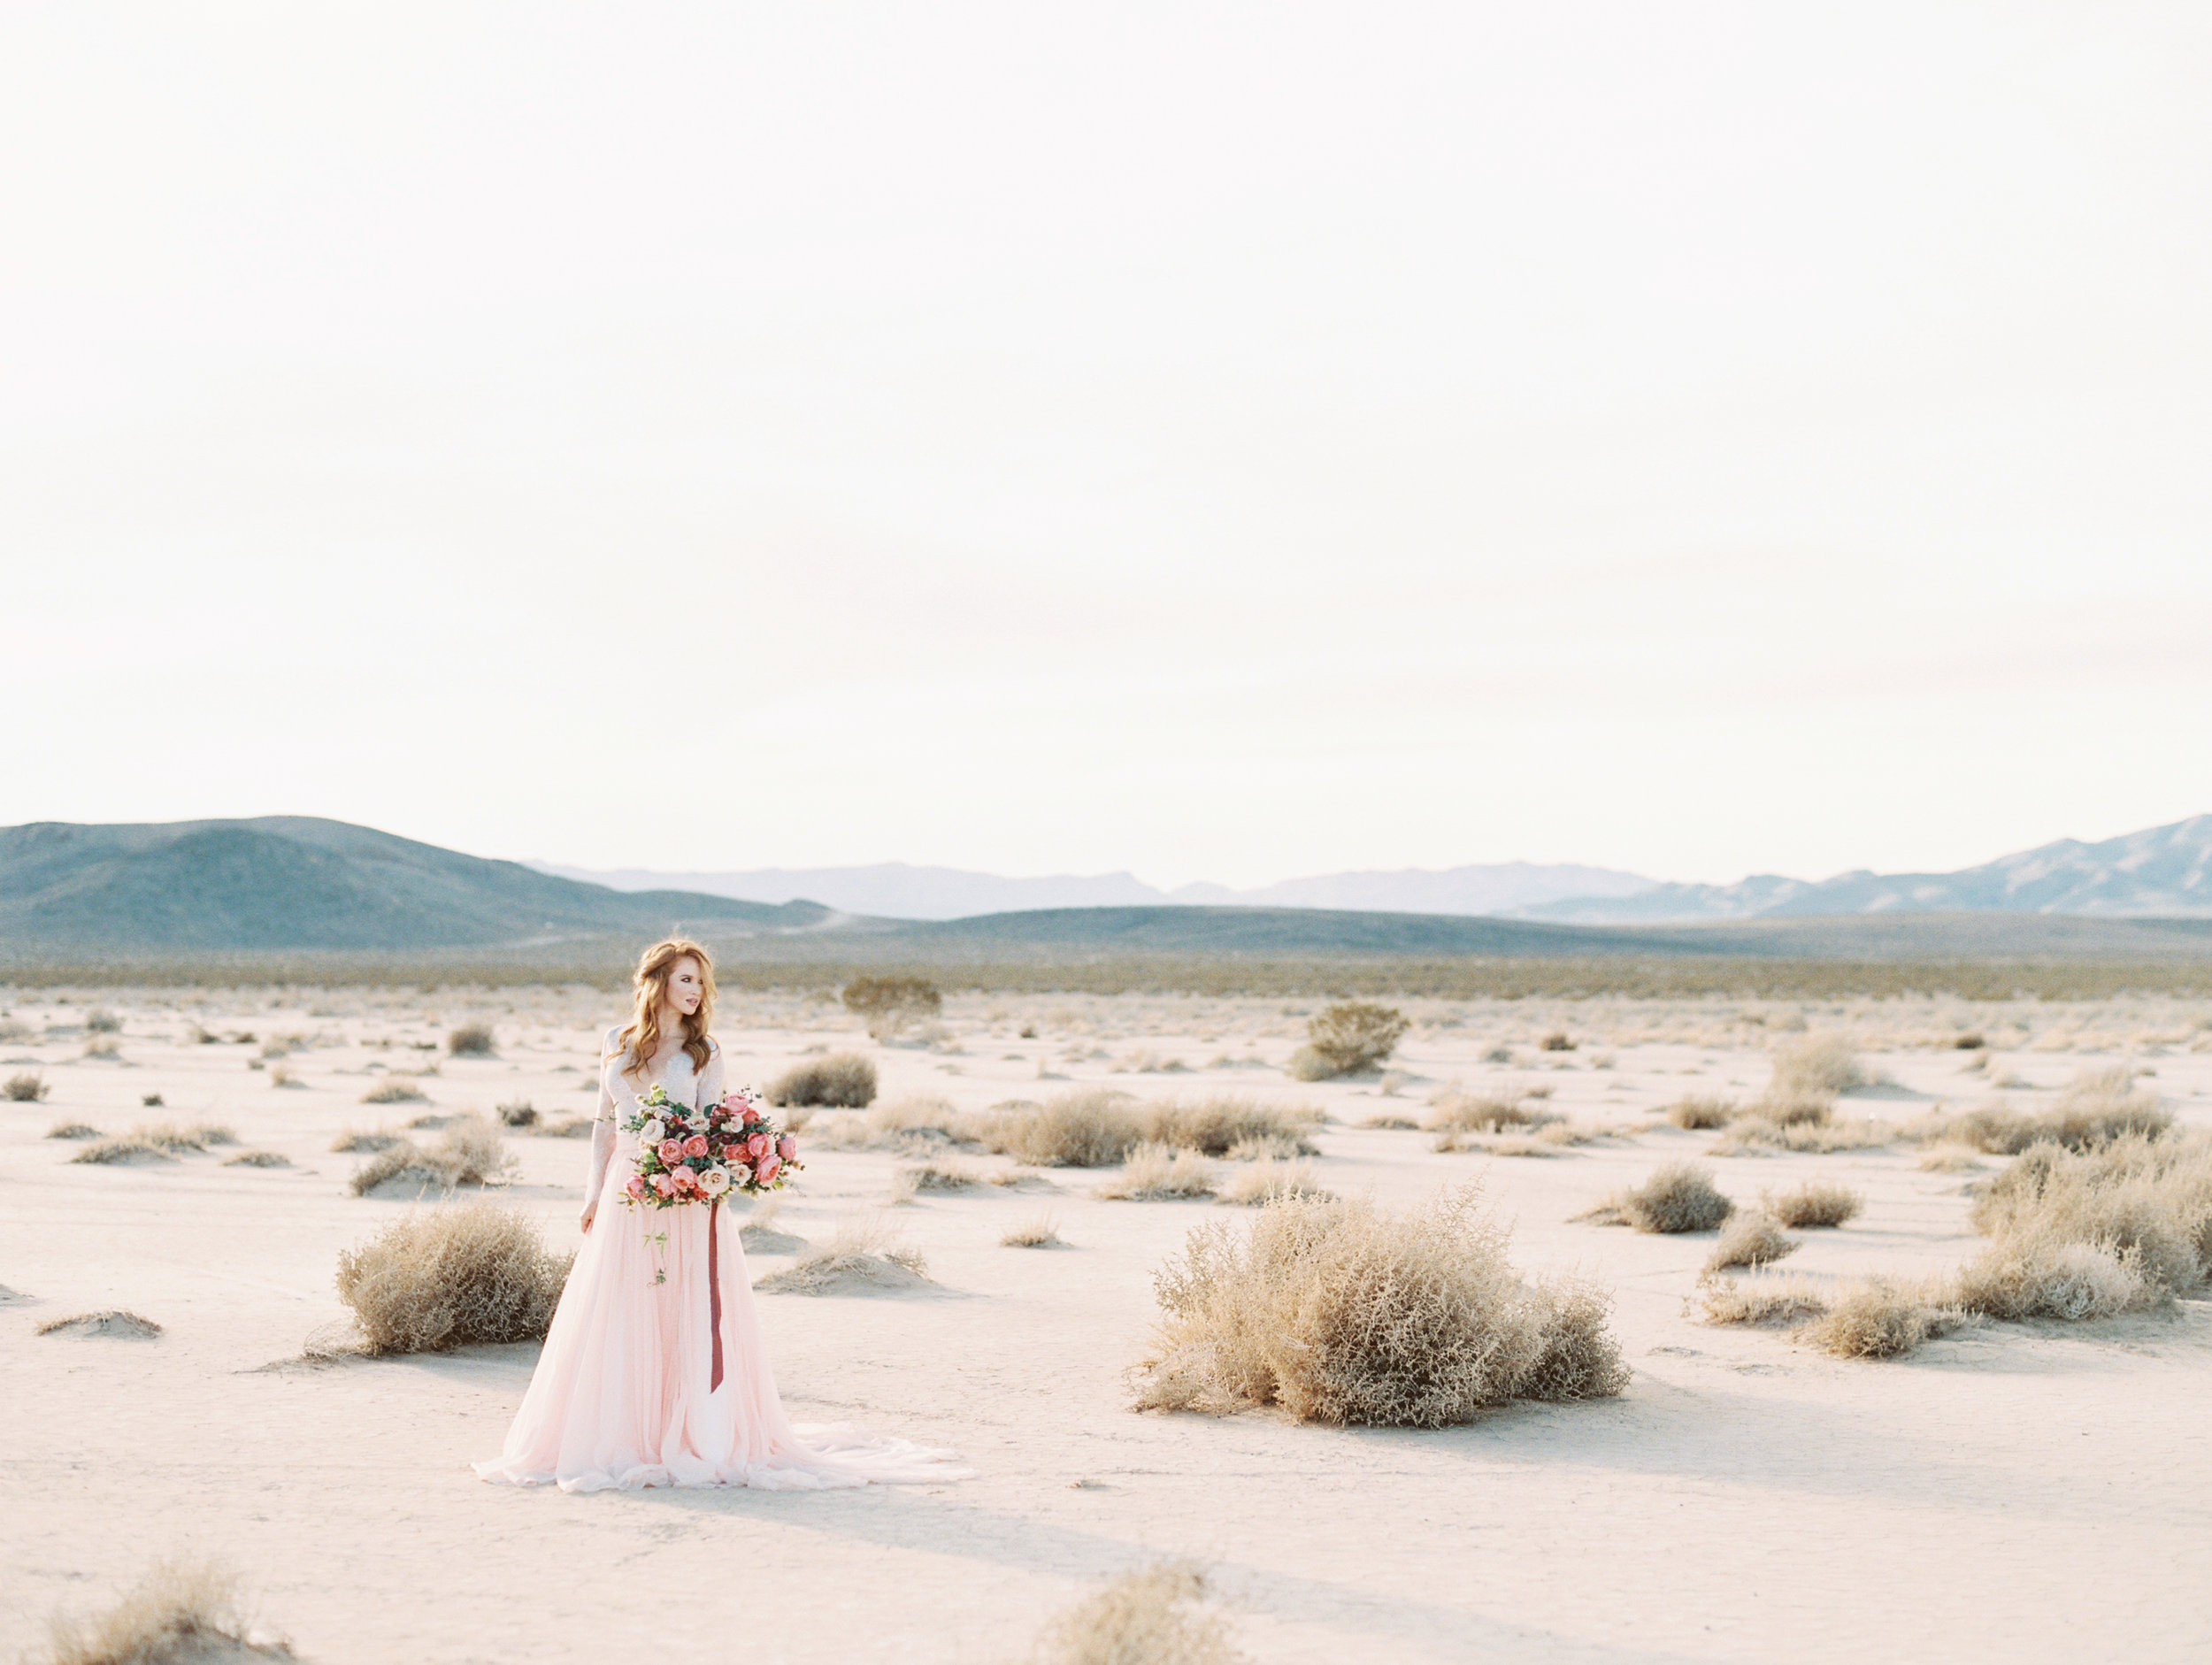 Desert Wedding Inspiration | Allen Tsai Photography | Joy Wed blog | http://www.joy-wed.com